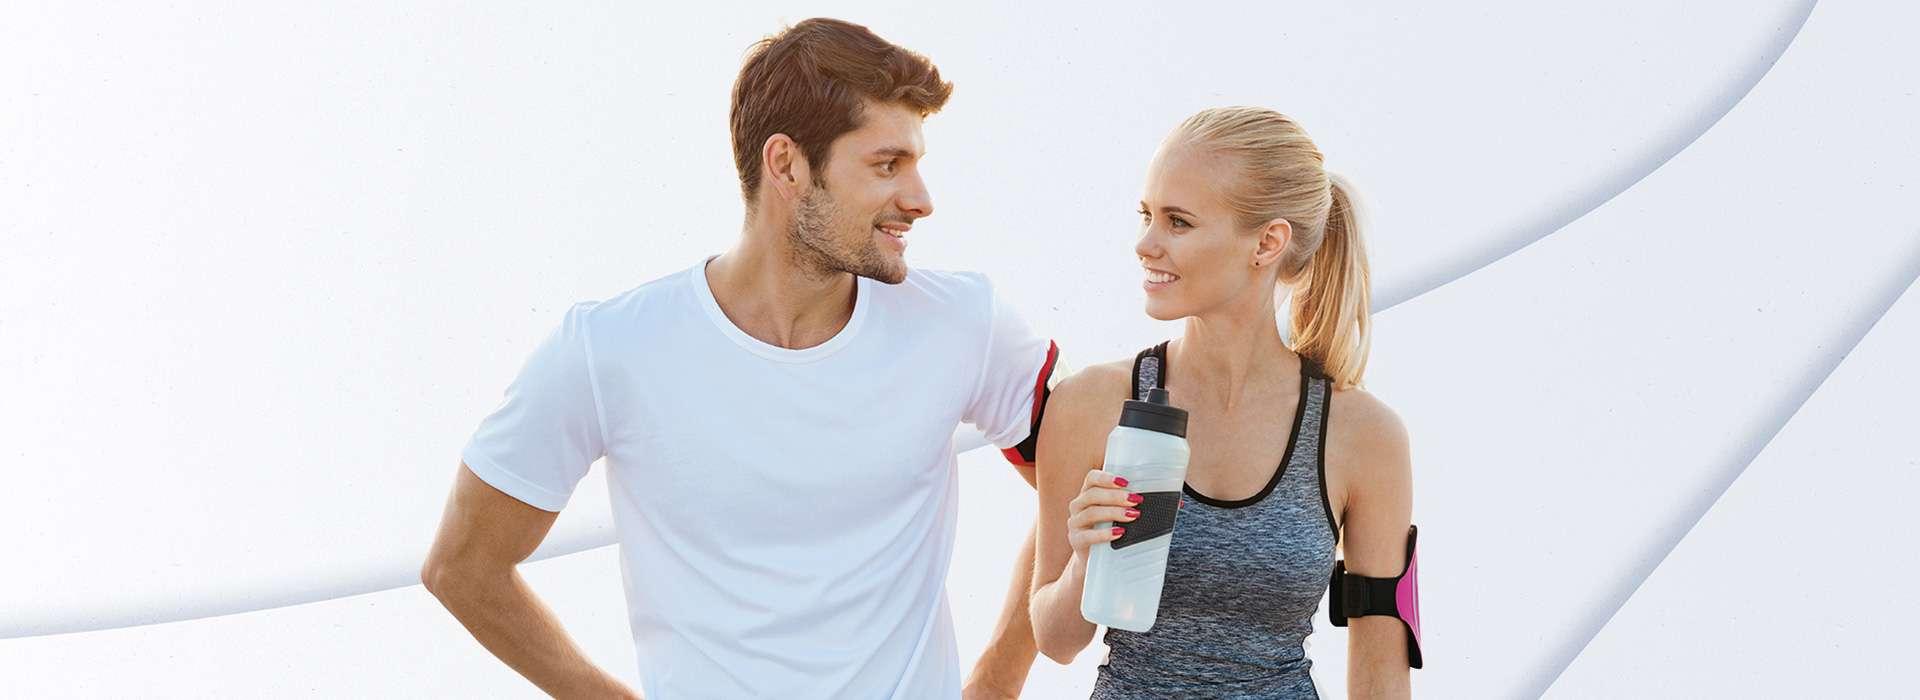 Attività fisica e dimagrimento - Farmacia Malpezzi